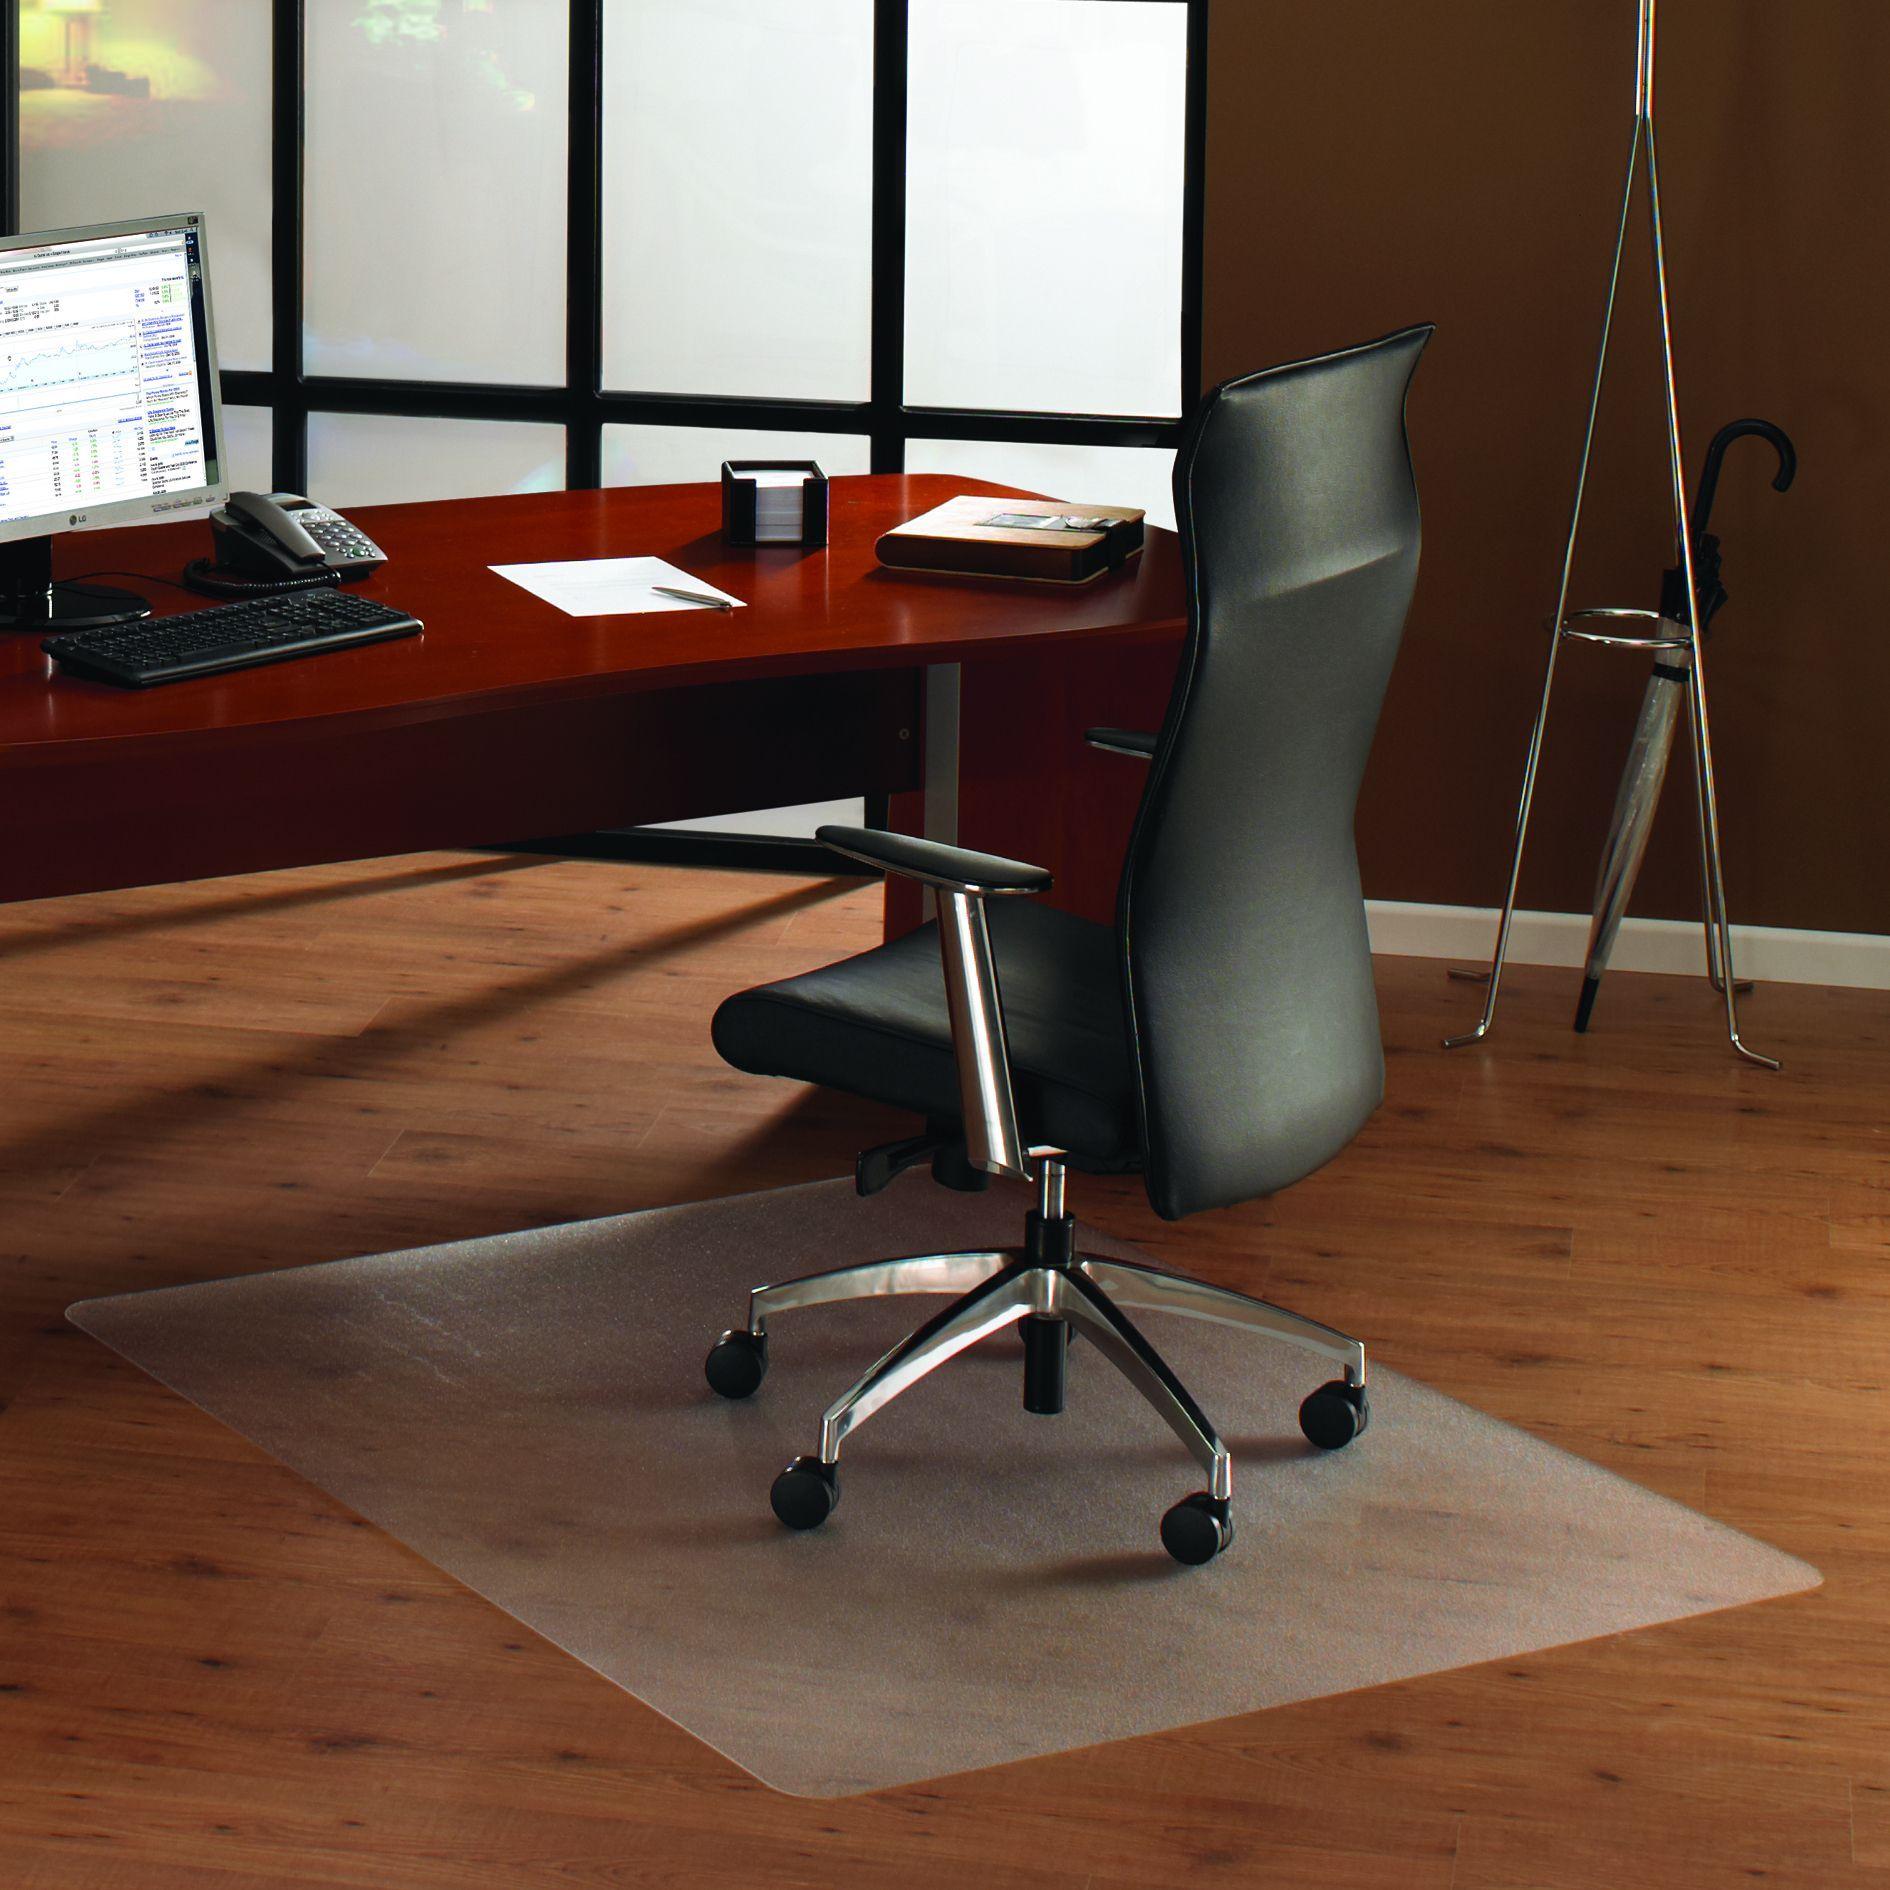 Cleartex® Unomat AntiSlip Rectangular Chair Mat Hard